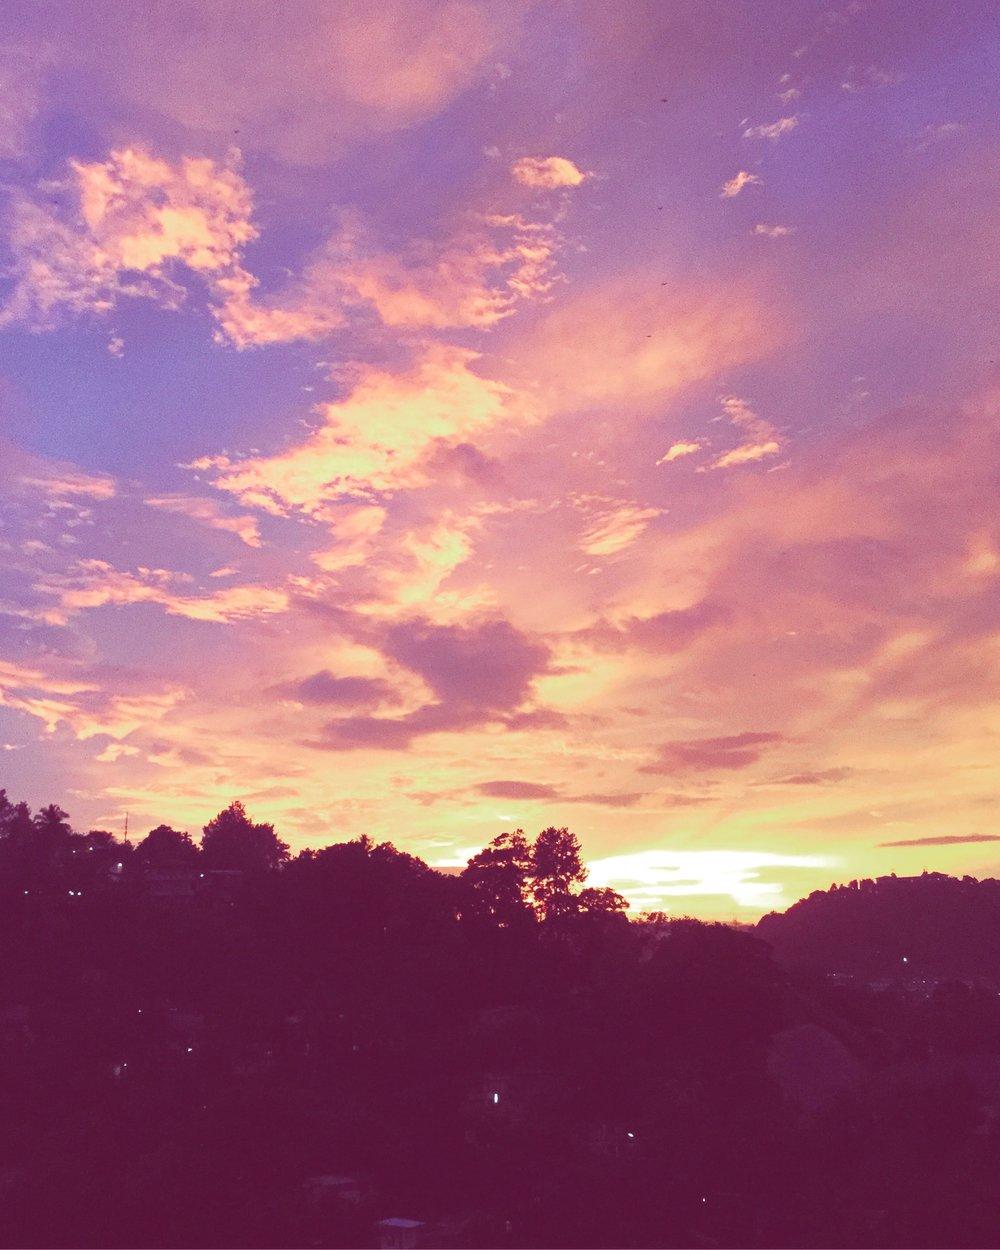 sunset, kandy